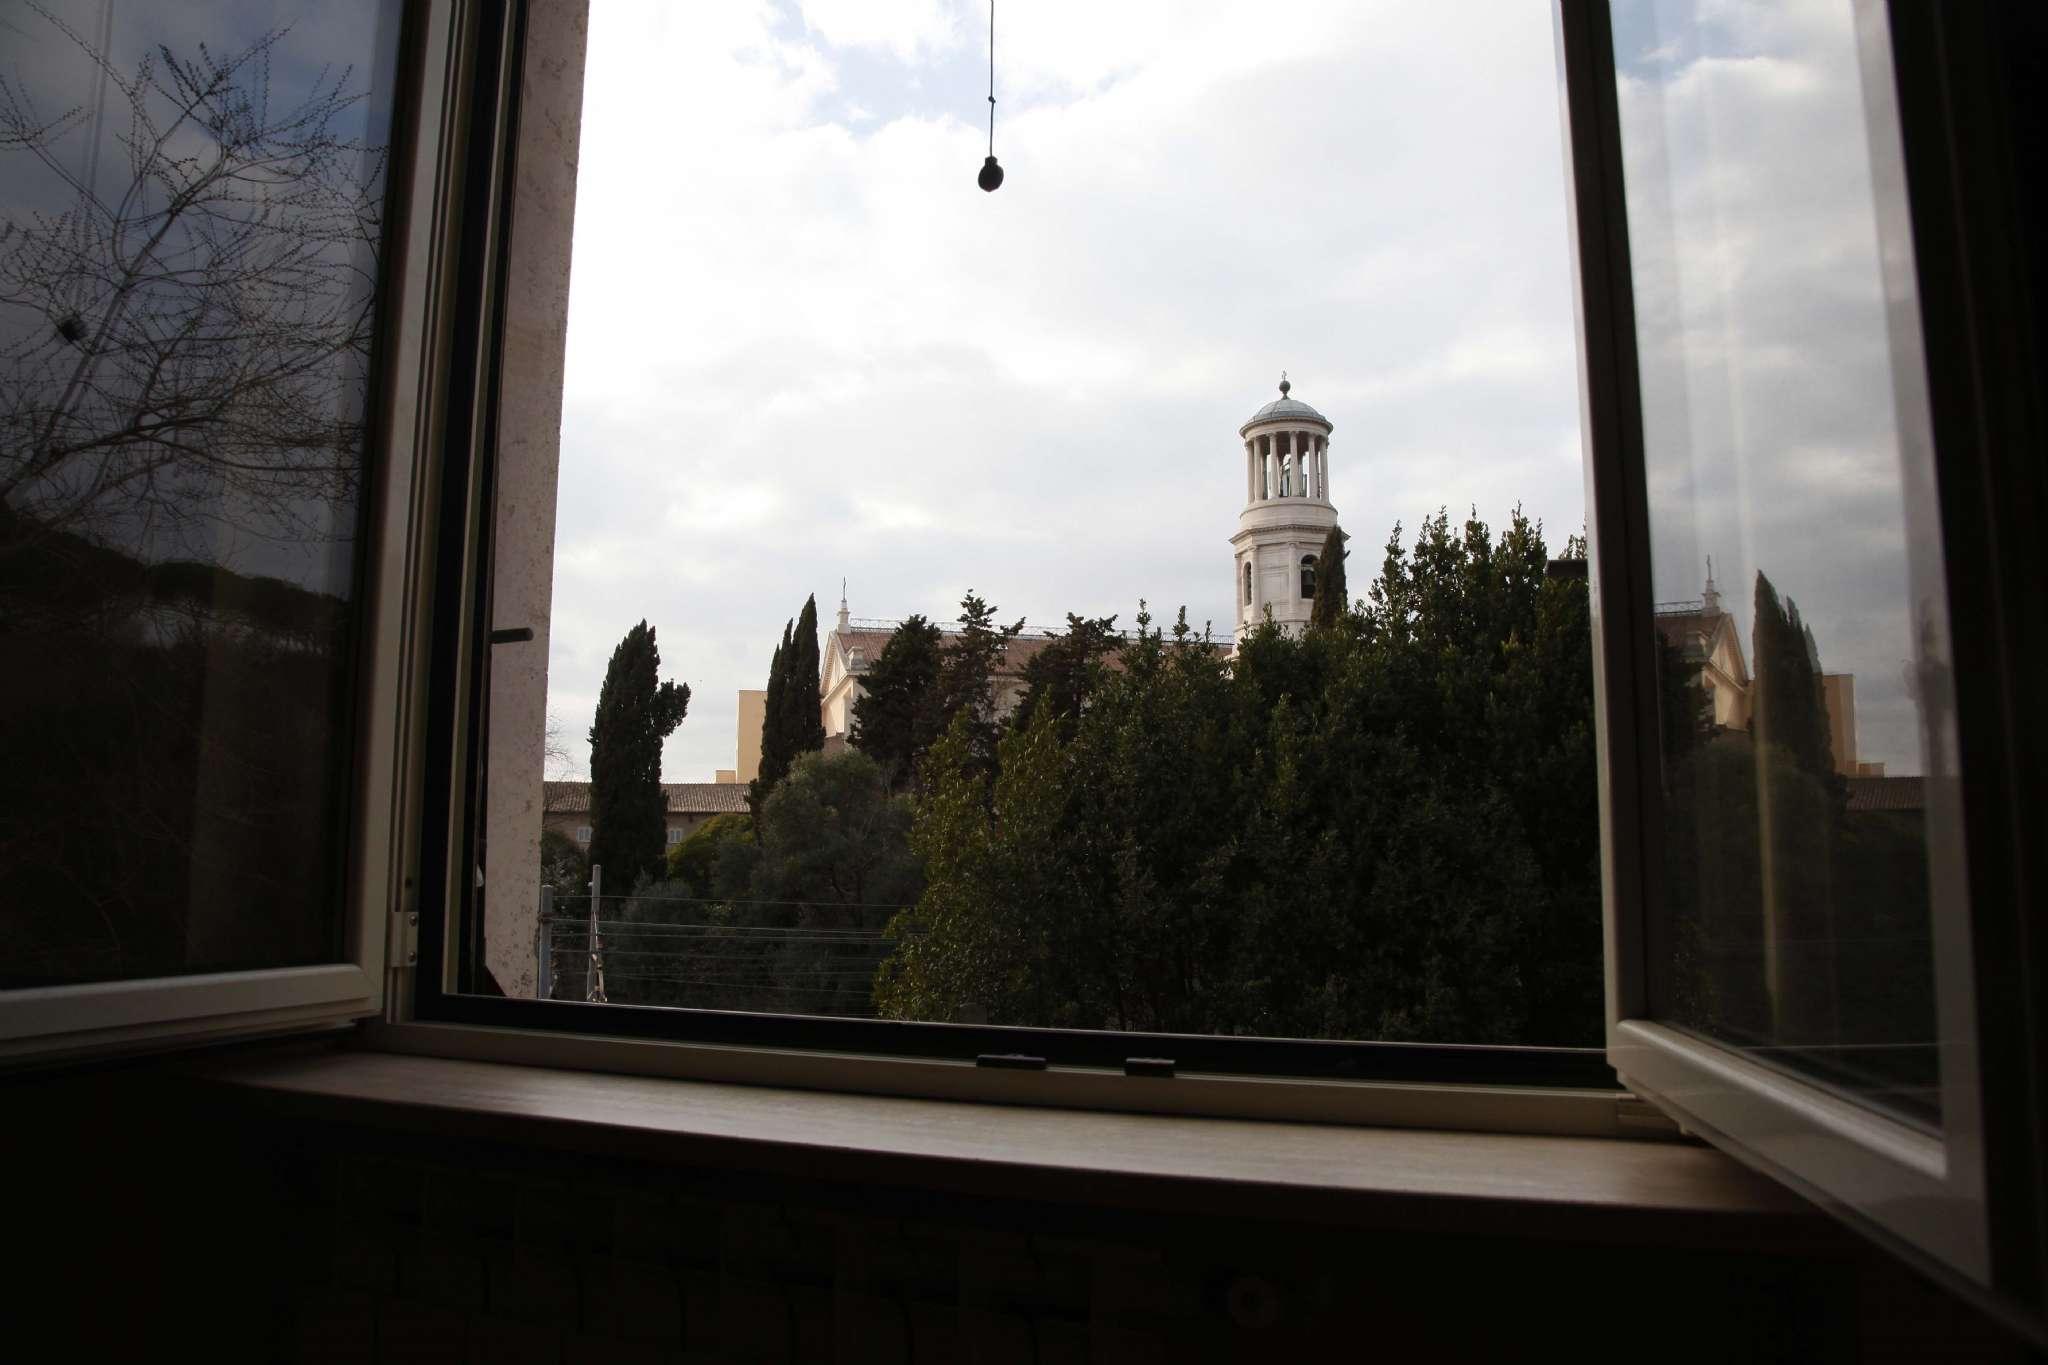 Appartamento in vendita a Roma, 2 locali, zona Zona: 20 . Marconi - Ostiense, prezzo € 240.000 | CambioCasa.it